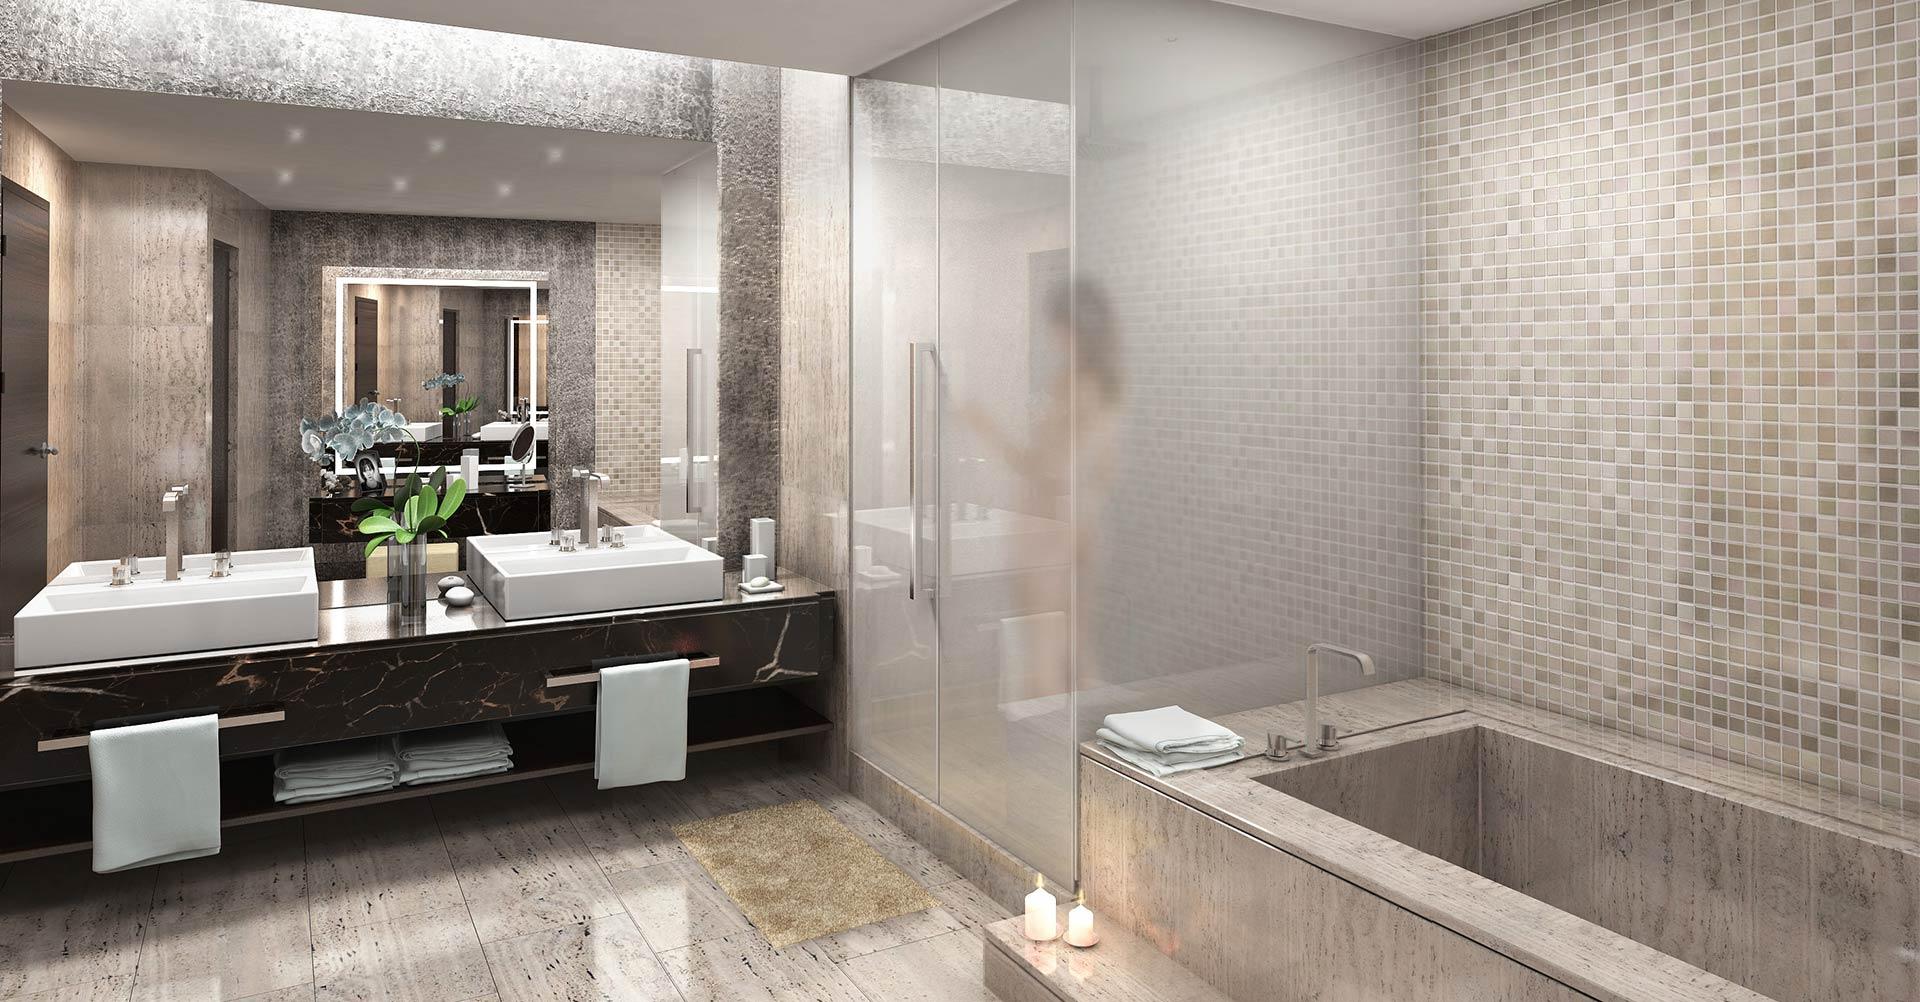 Fontaneros en madrid 100 ba os de lujo for Hoteles minimalistas en espana